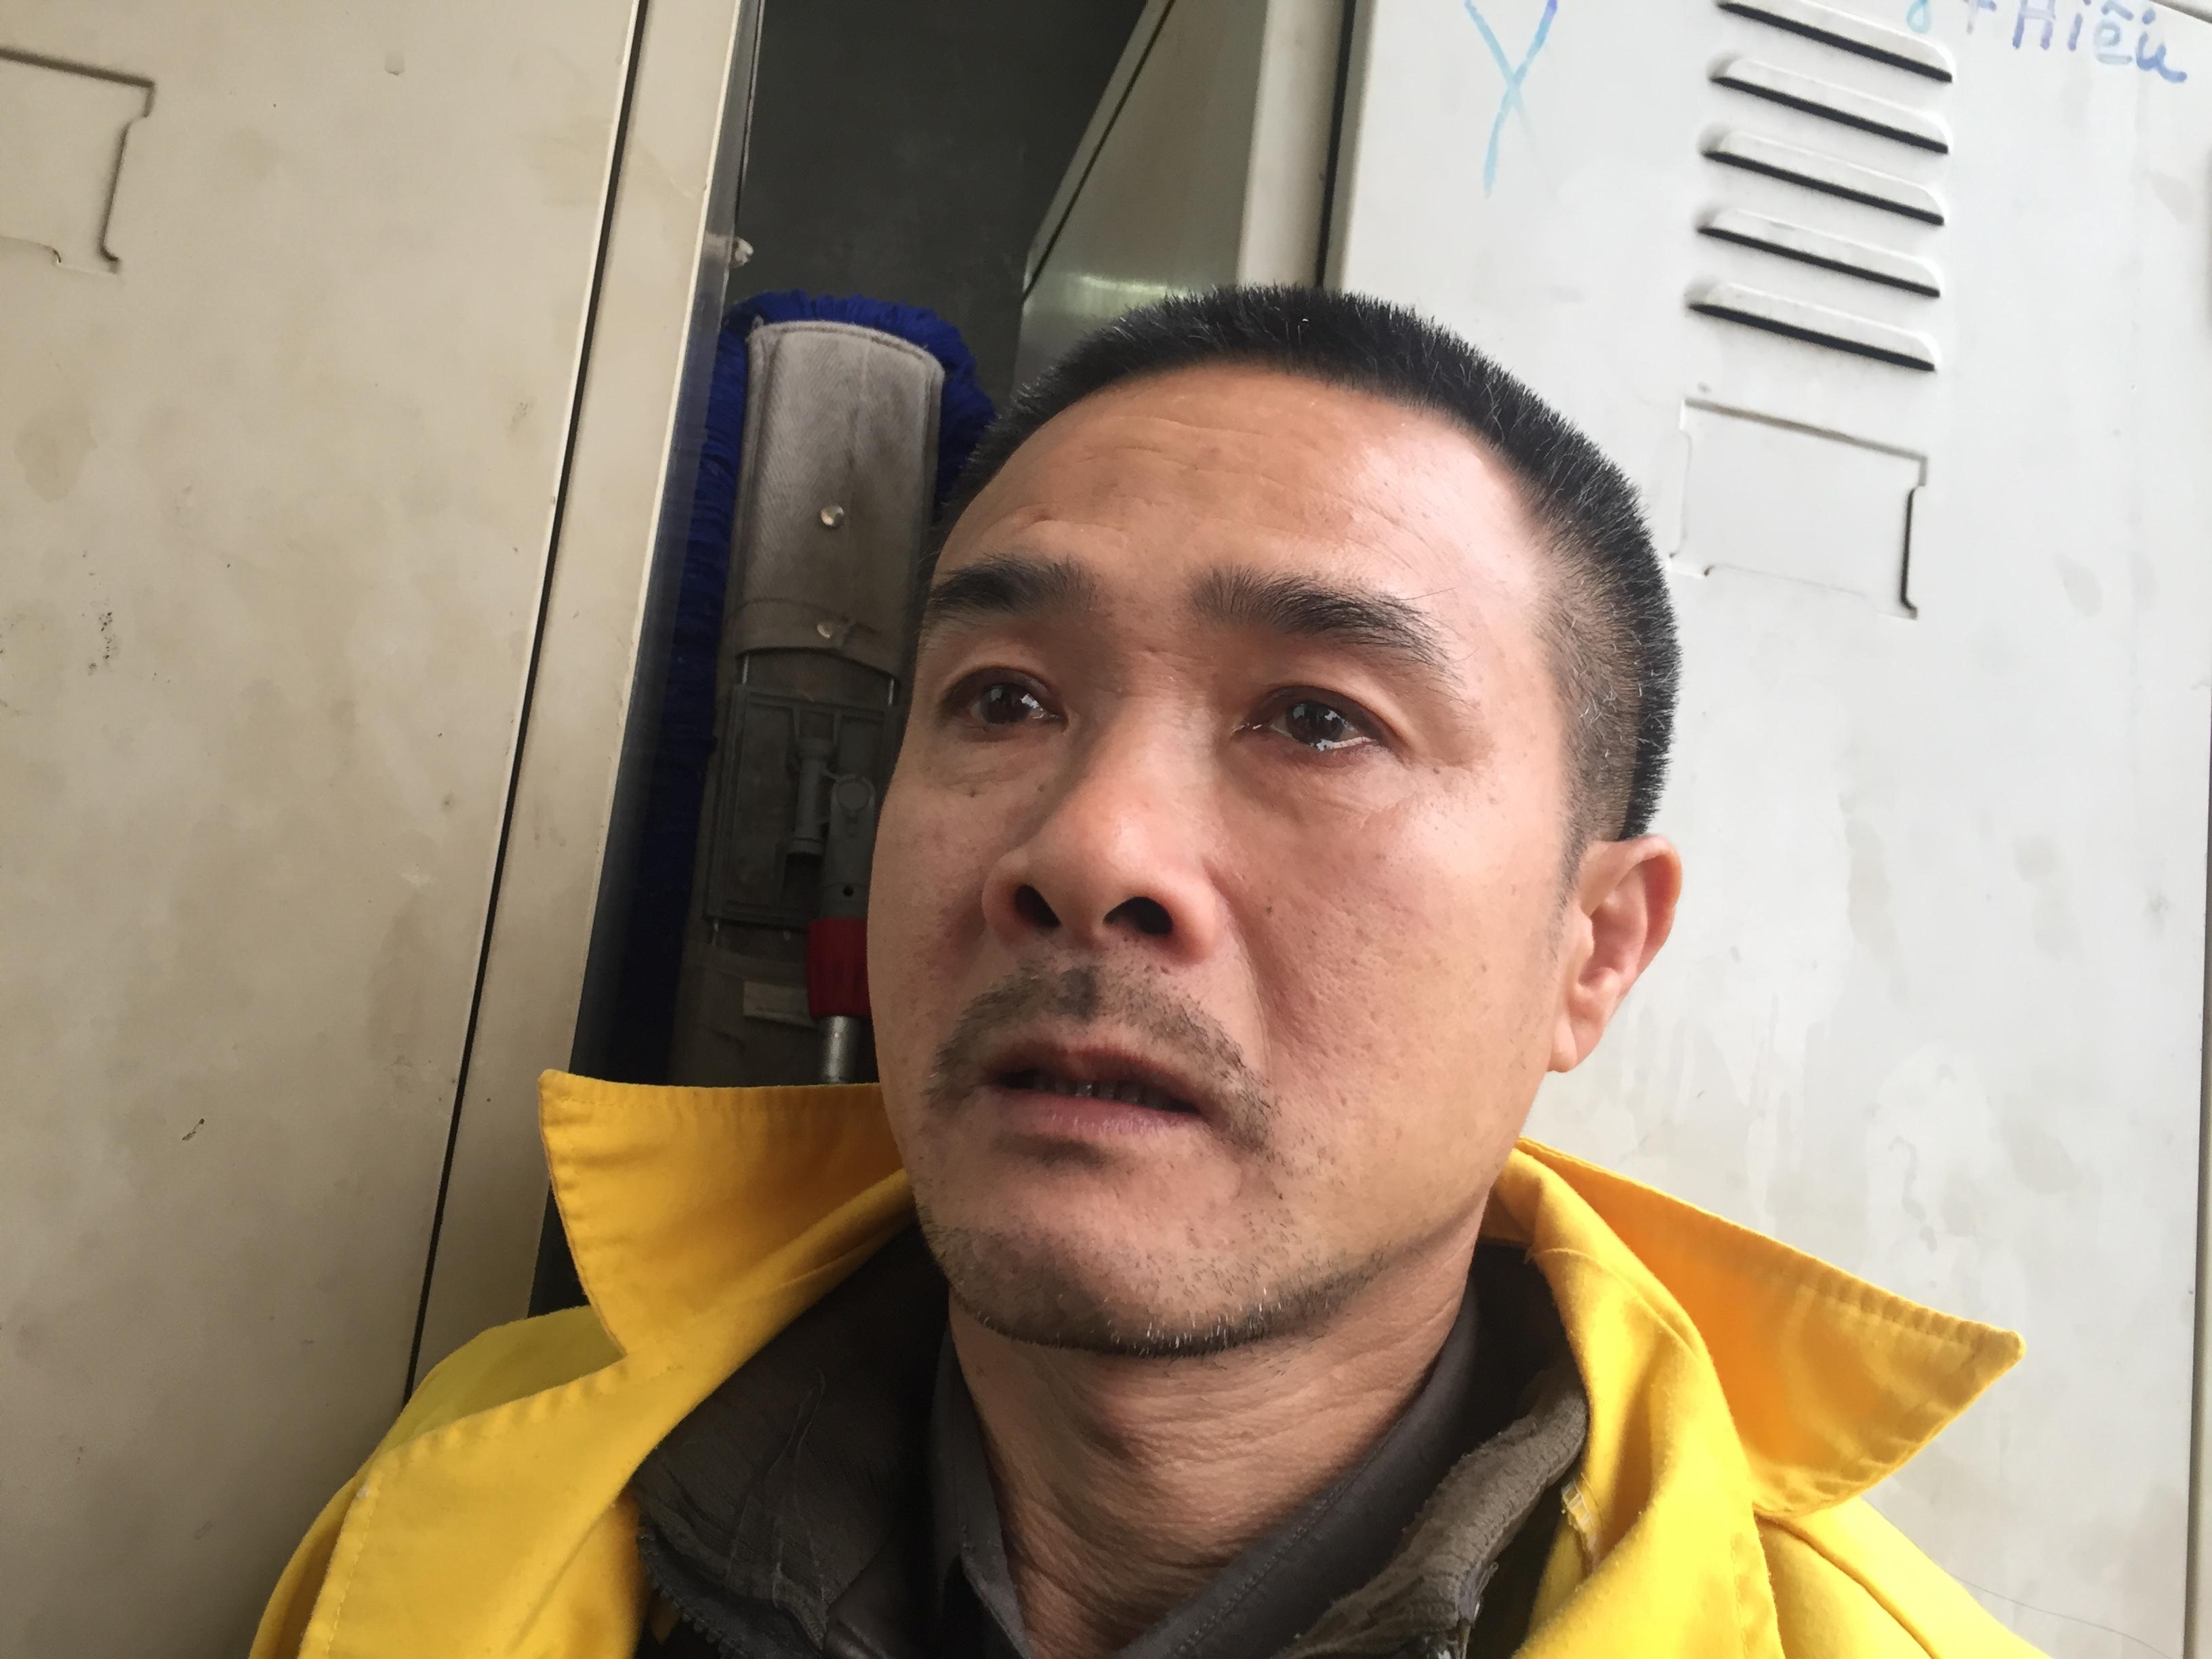 Anh Hòa chia sẻ vợ anh tử vong sau nhiều ngày cấp cứu